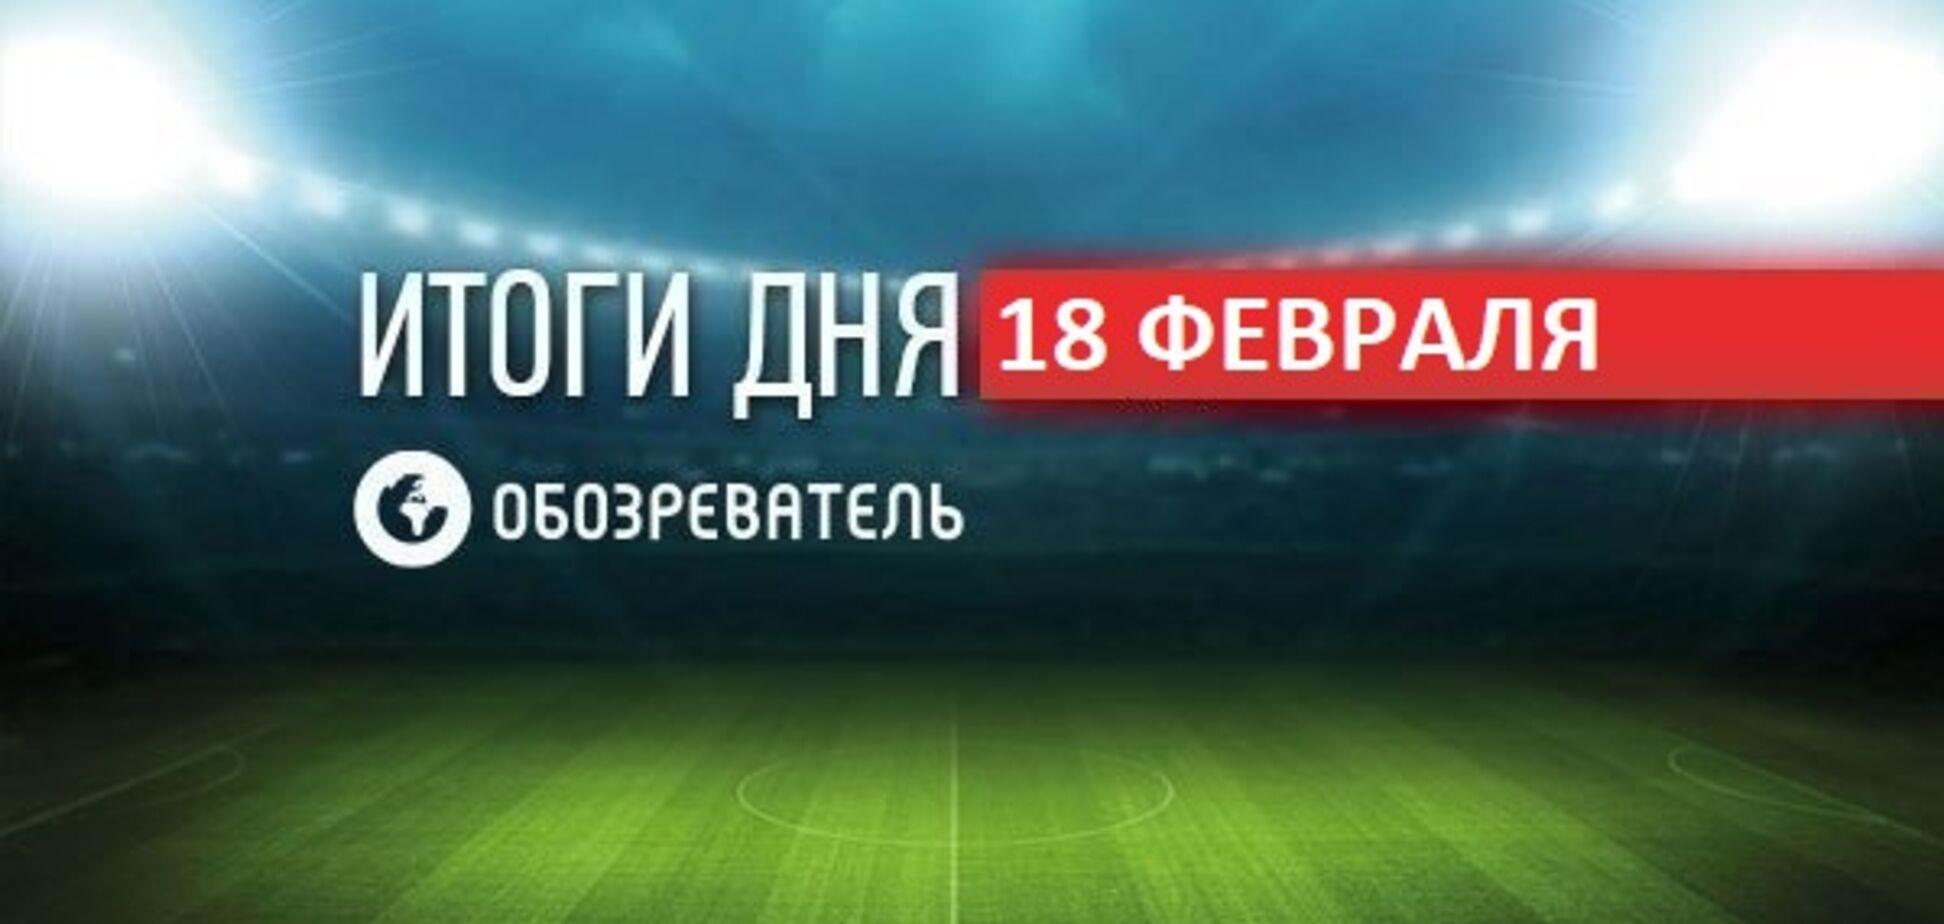 Семеренко эмоционально обратилась к фанатам: спортивные итоги 18 февраля